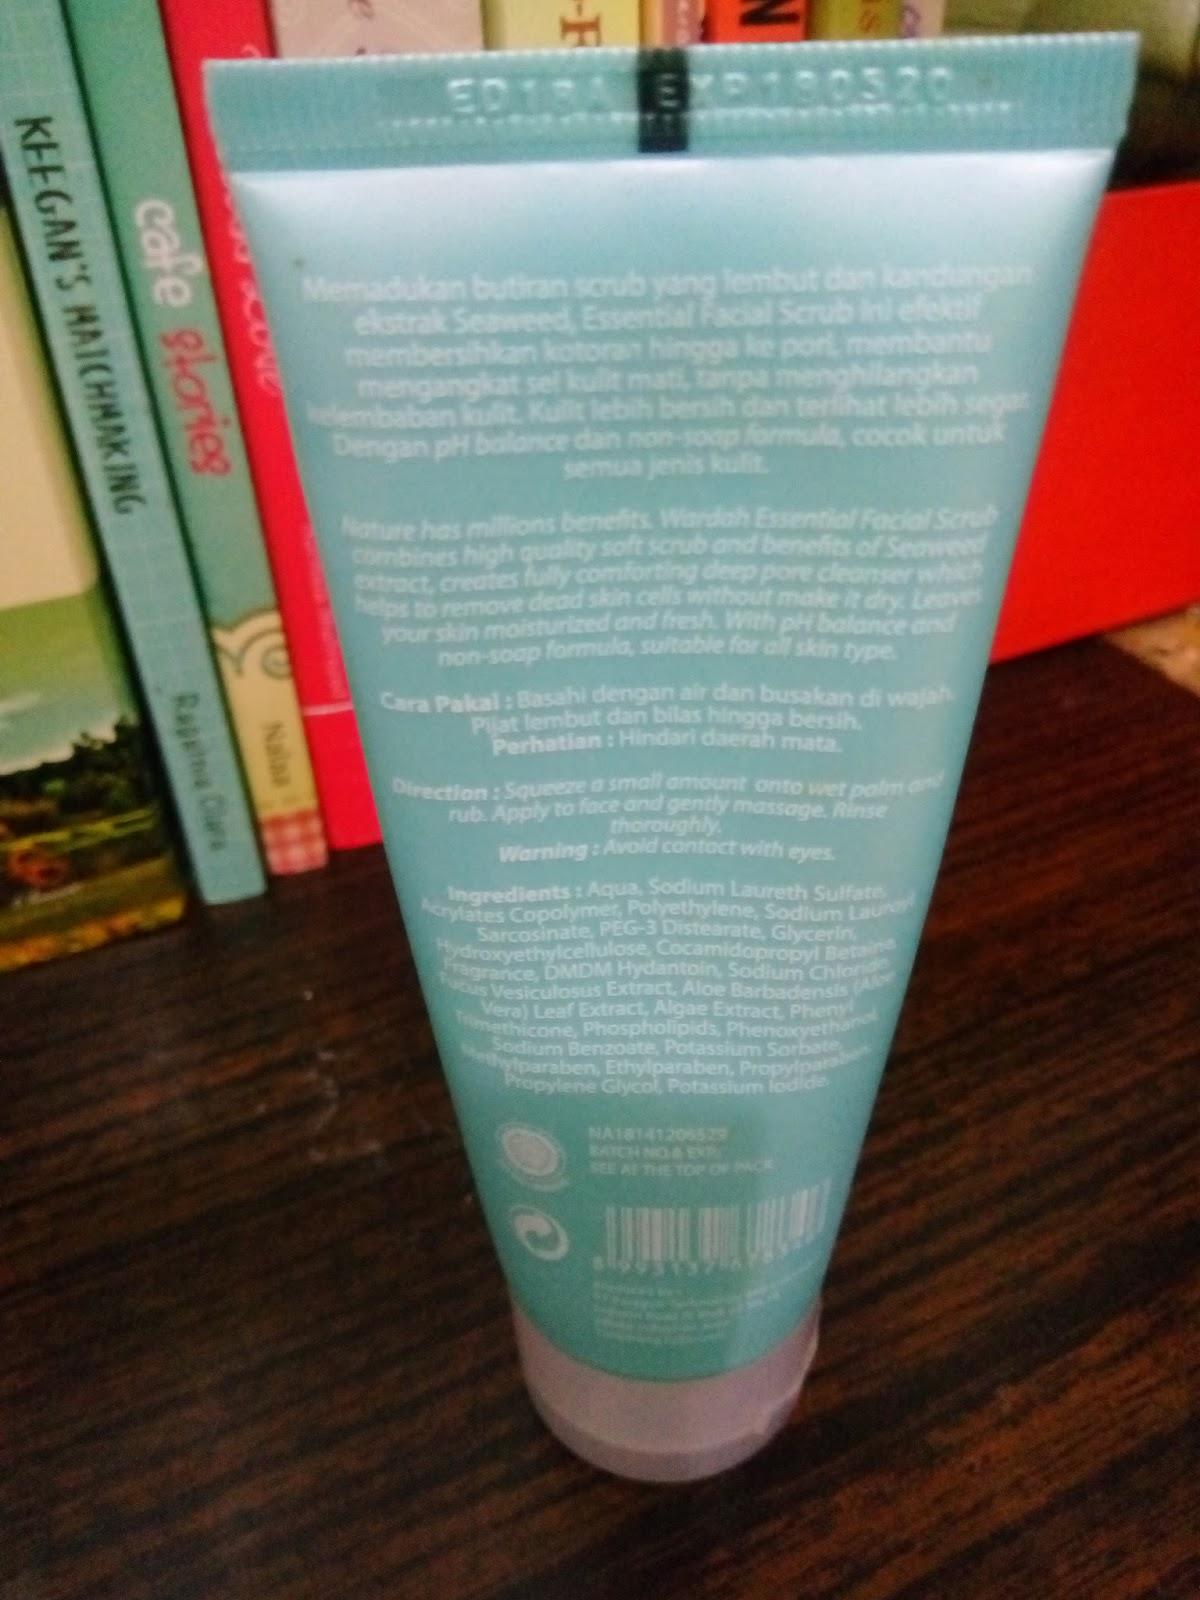 Wardah Essential Facial Scrub Daftar Harga Terbaru Dan Terlengkap 600 Ml Jual 60ml Source Aku Ga Ngerti Itu Ingredientnya Apa Aja Secara Bahasanya Bahasa Kimia And Latin Semua